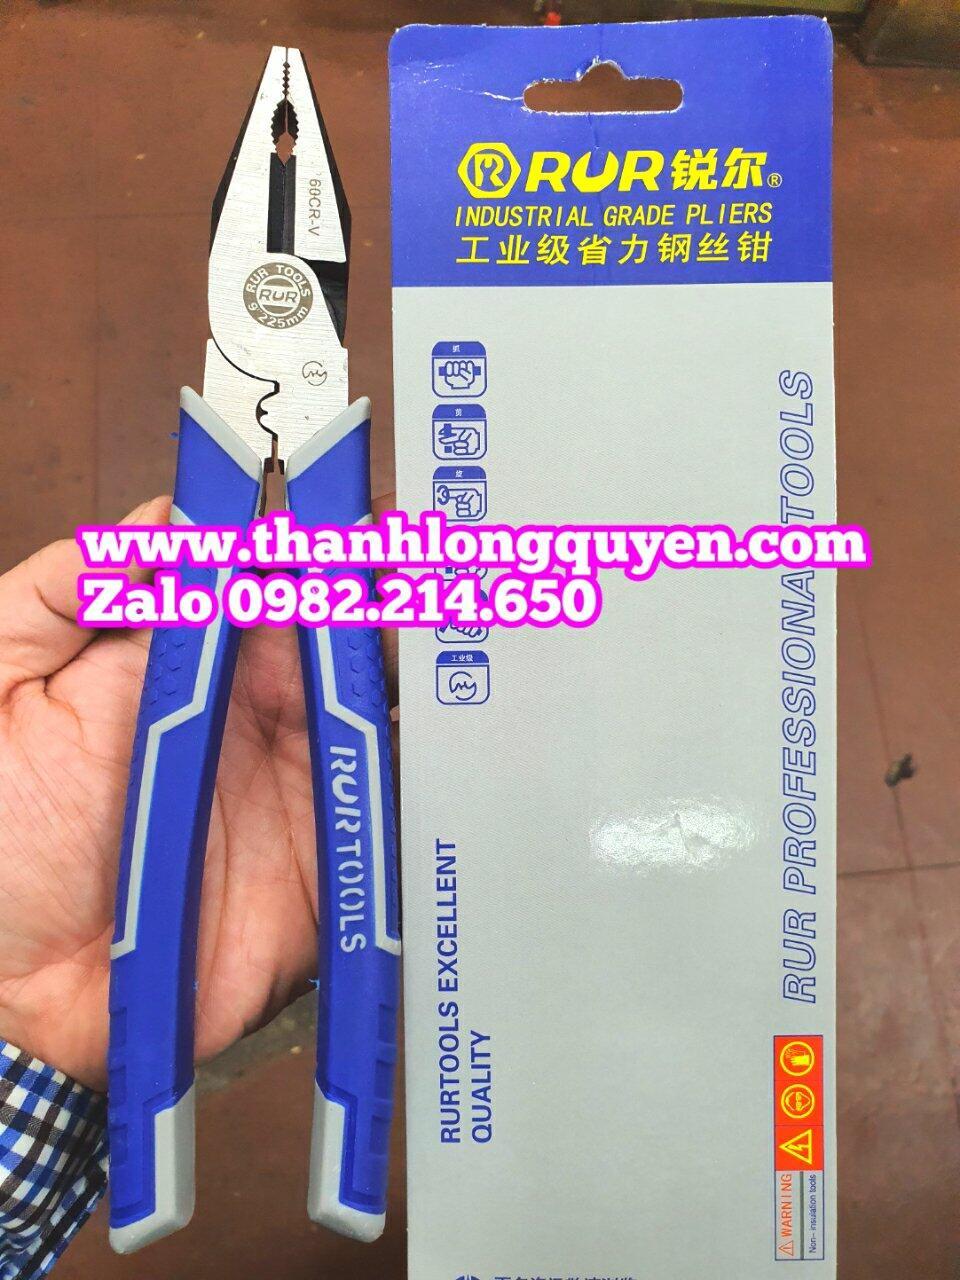 Kìm điện bấm cos 9 inch model R2159 Rur